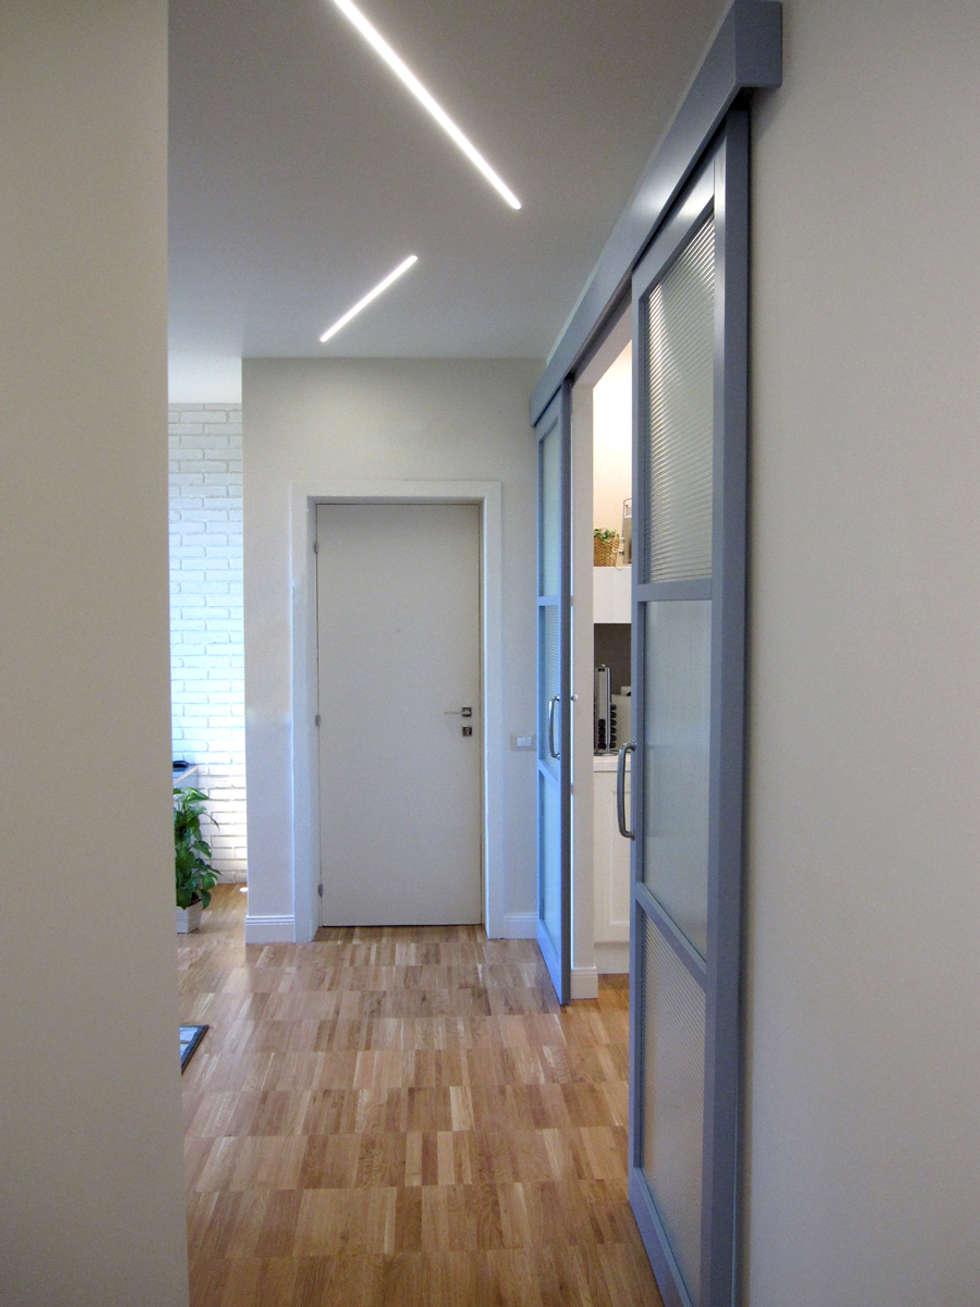 ingresso - disimpegno: Ingresso & Corridoio in stile  di studio radicediuno